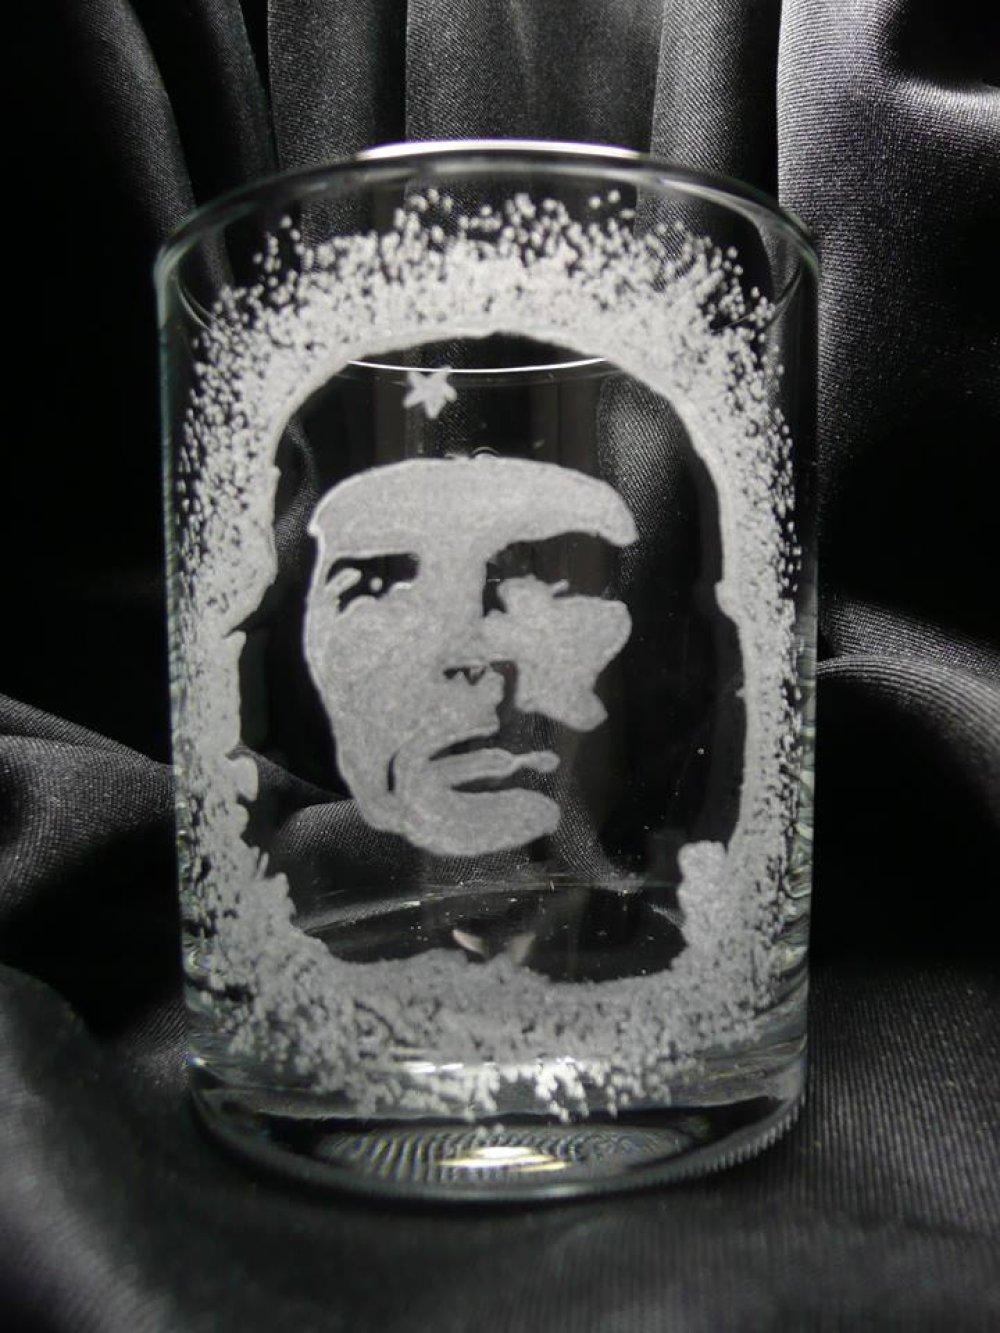 Gravure sur verre Verre à whisky. Chee